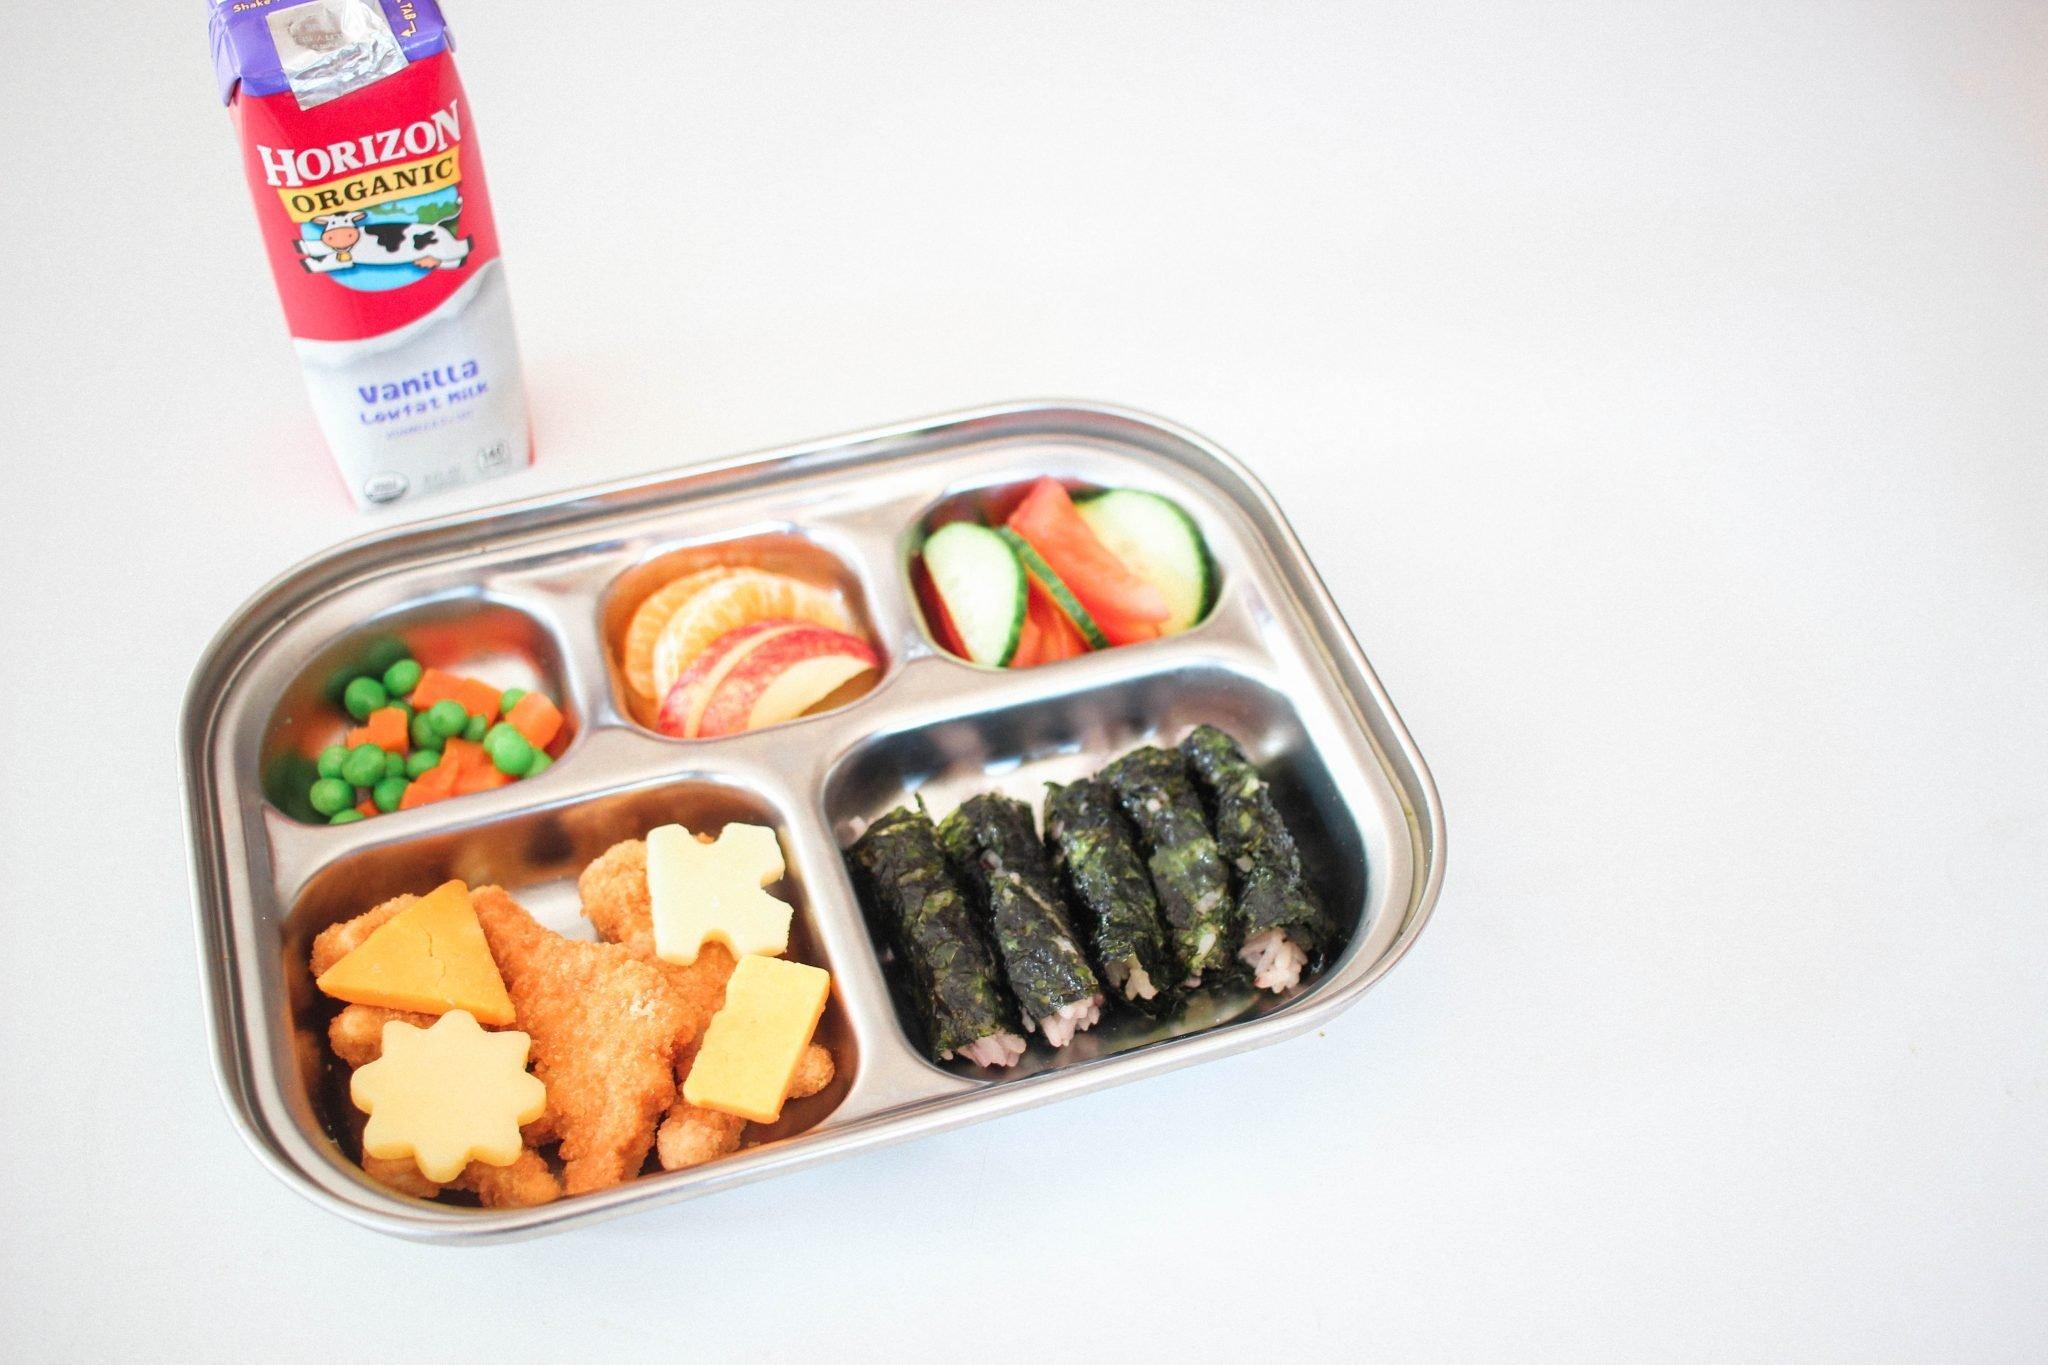 Bento Box Meals: Easy & Simple School Lunch Ideas